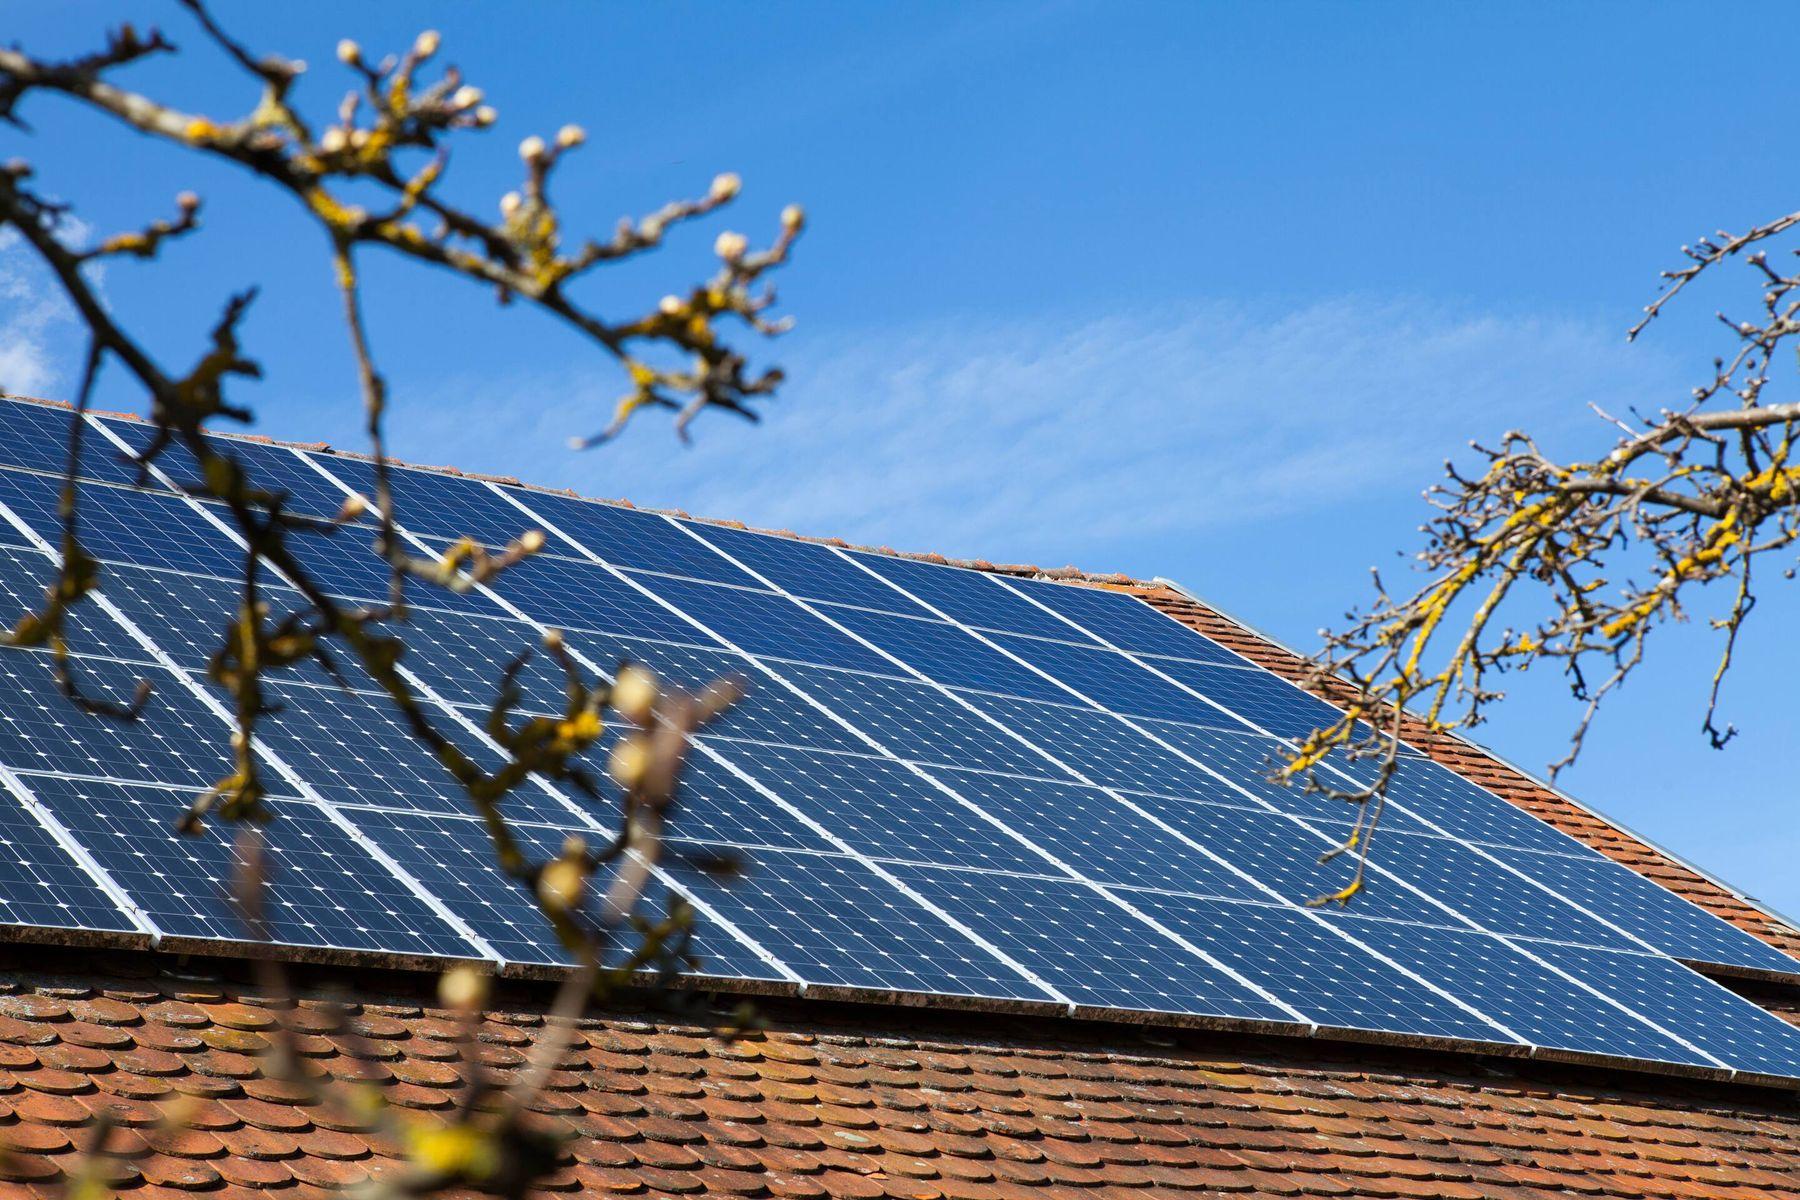 Panel solar sobre un techo con el cielo azul de fondo